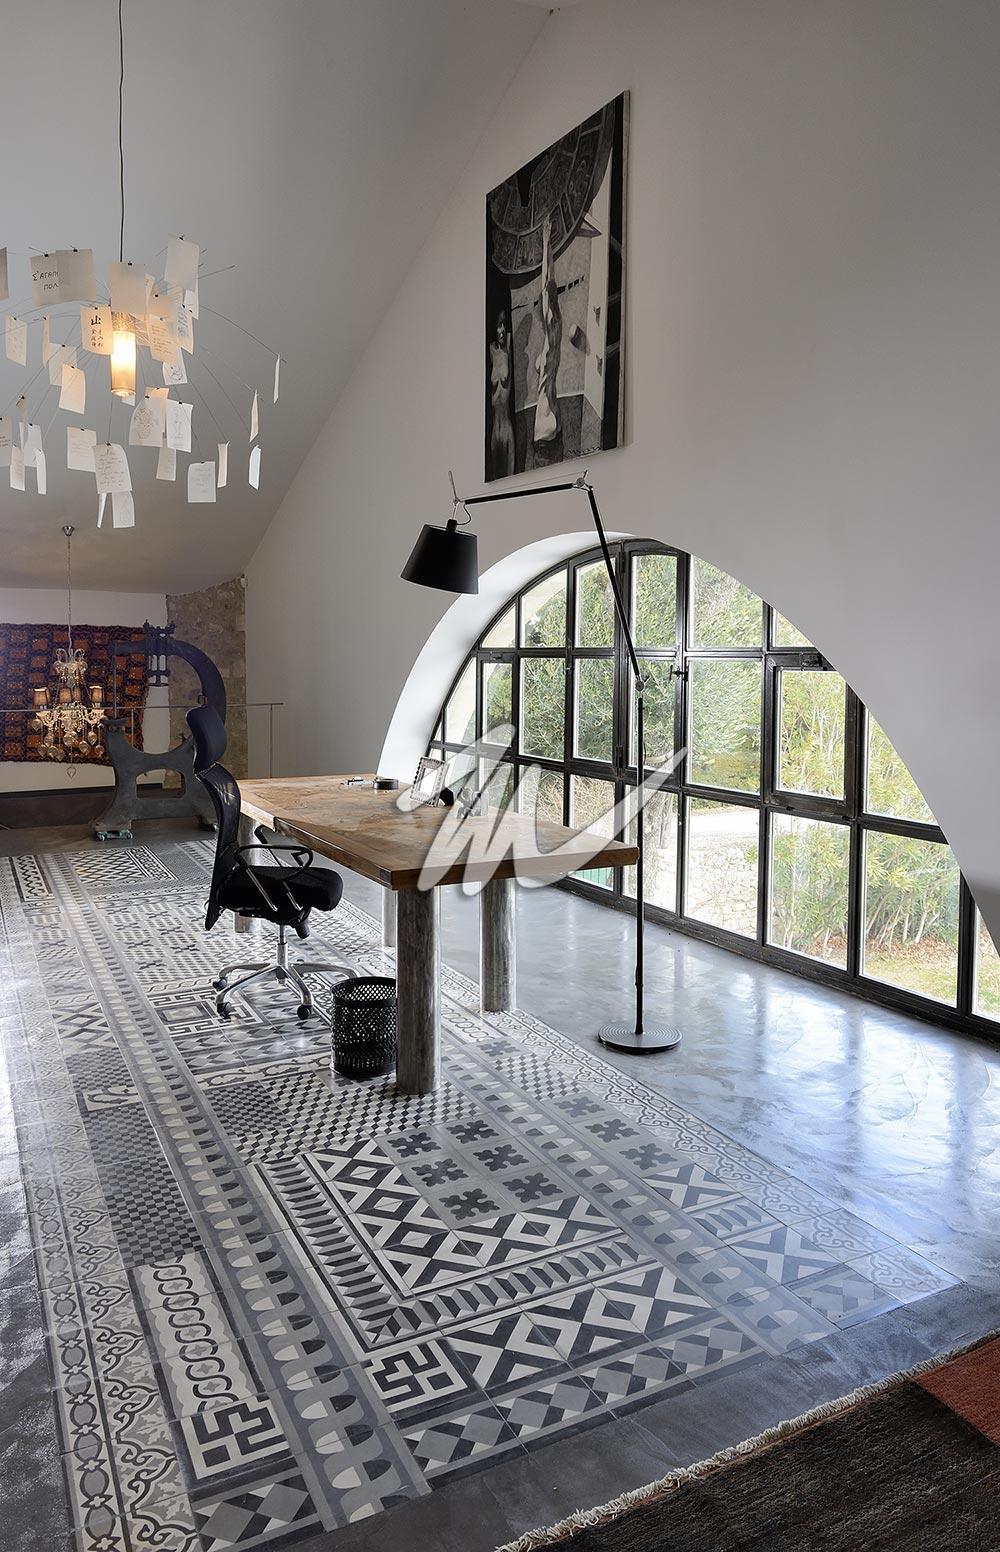 Carrelage intérieur imitation carreaux de ciment 02